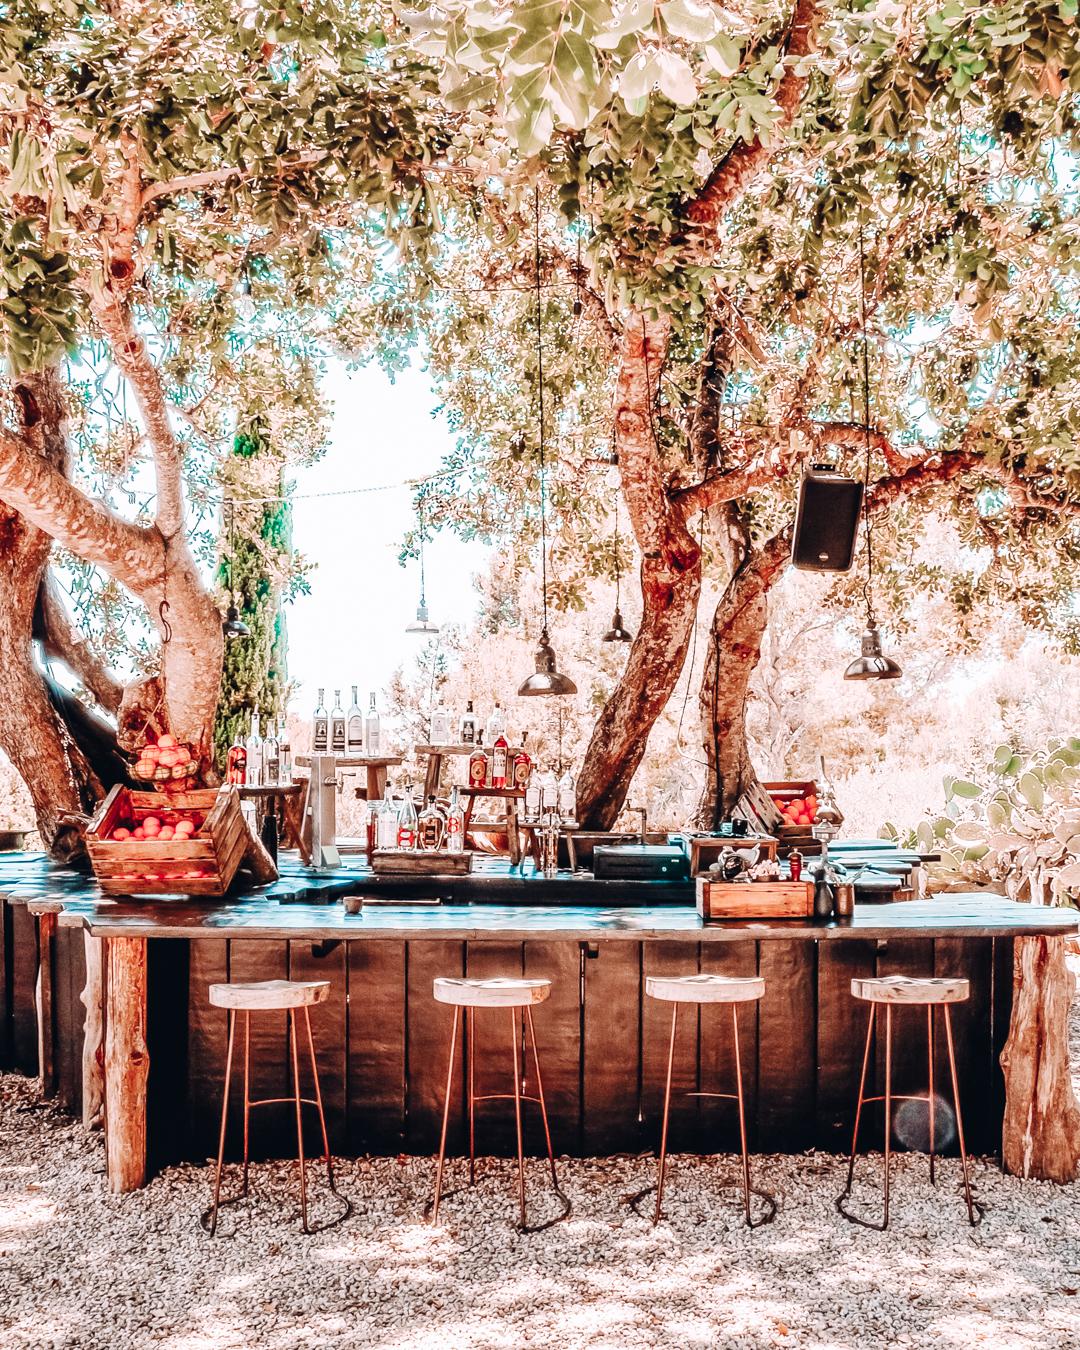 Bar and trees at La Granja Ibiza